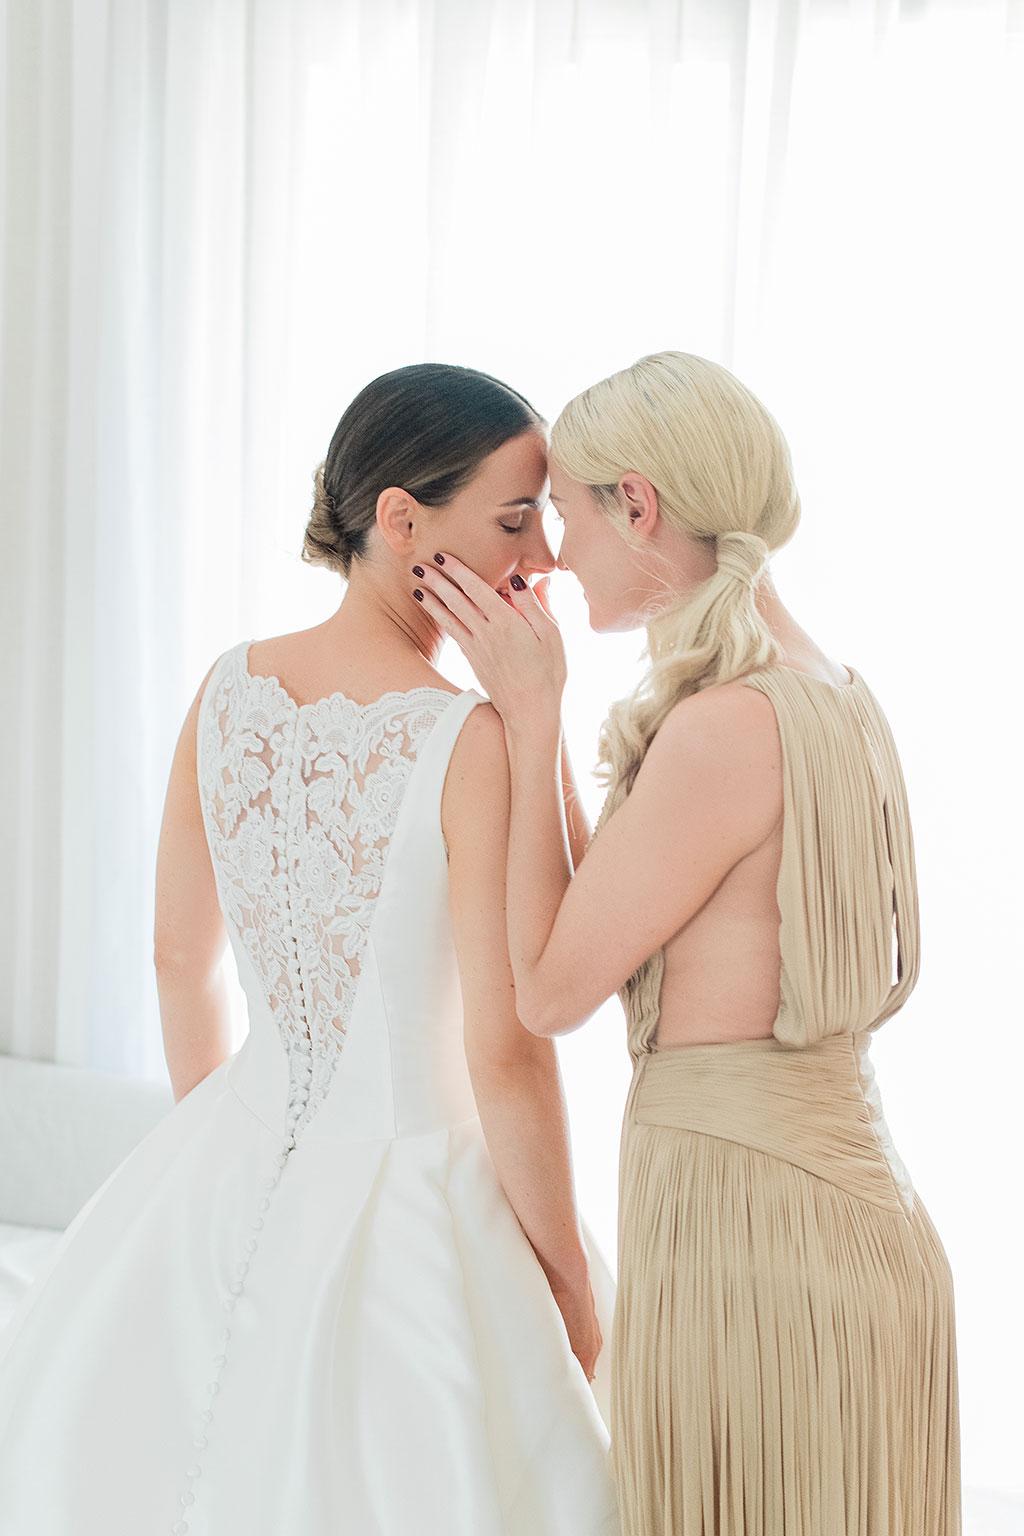 Φωτογράφος γάμου Χαλκιδική, προετοιμασία νύφης στο ξενοδοχείο